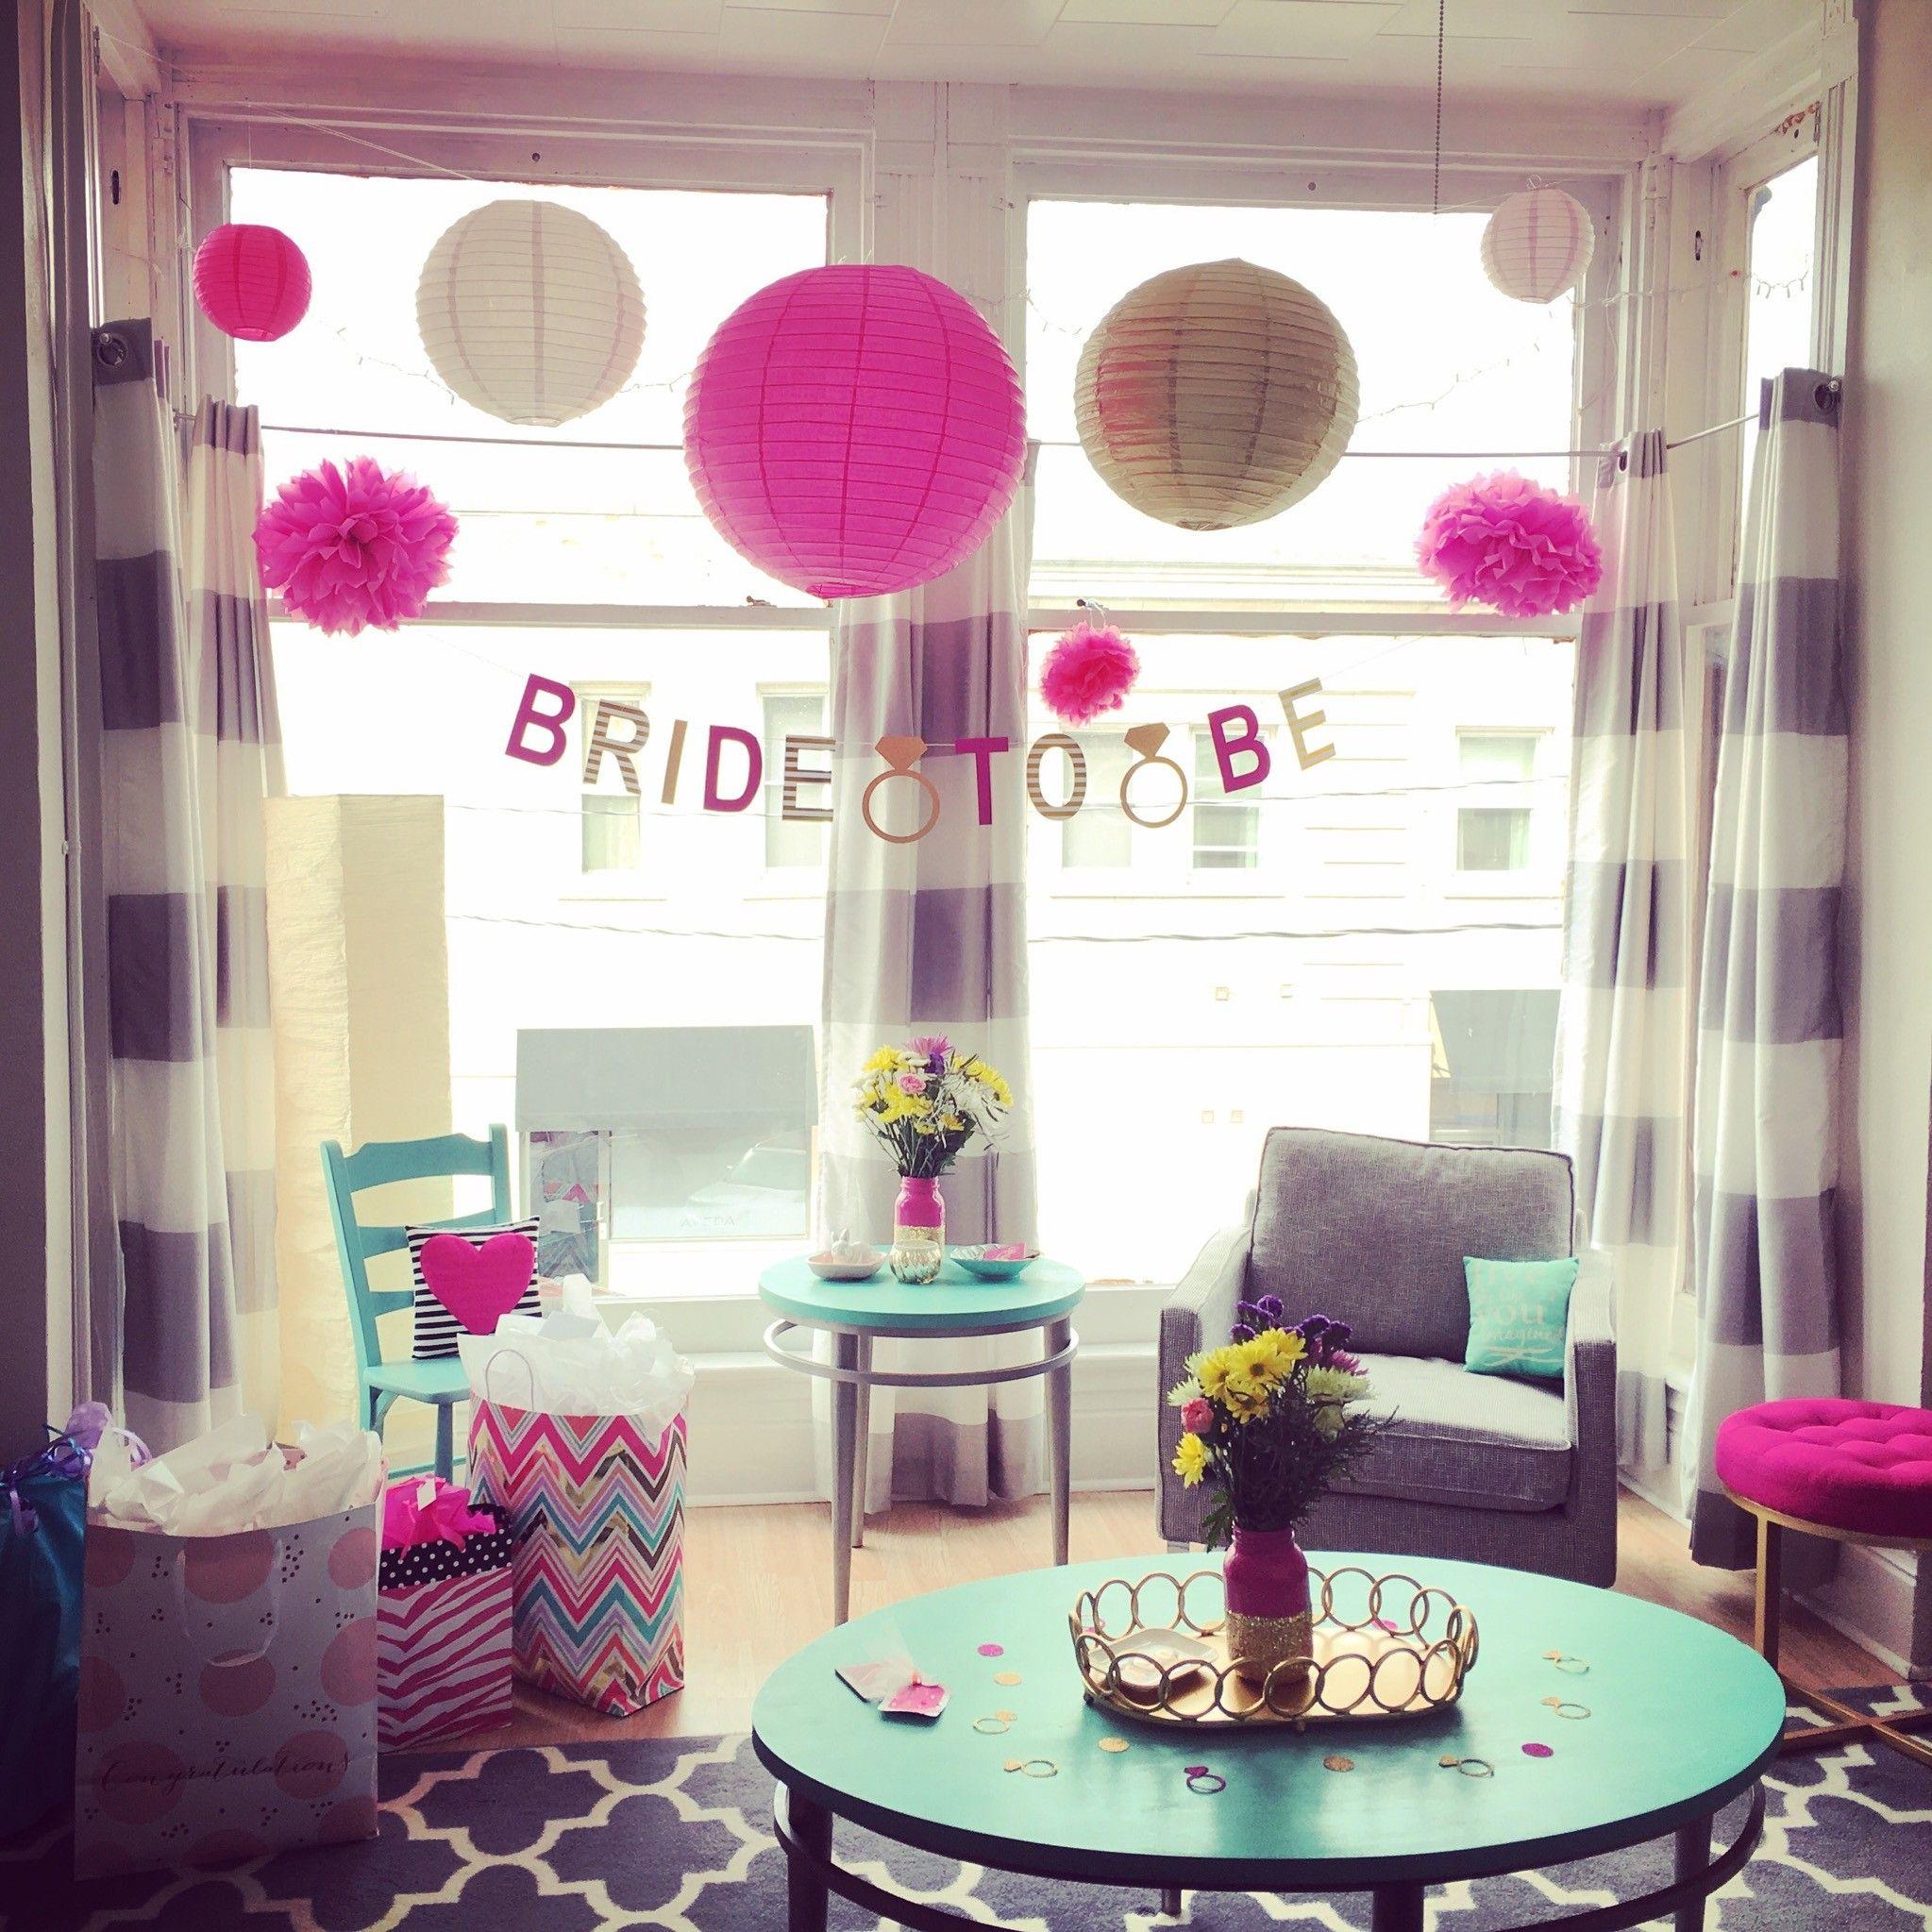 Bachelorette Party Decoration Ideas Bachelorette Party Decorations Diy Bachelorette Party Bachelorette Decorations